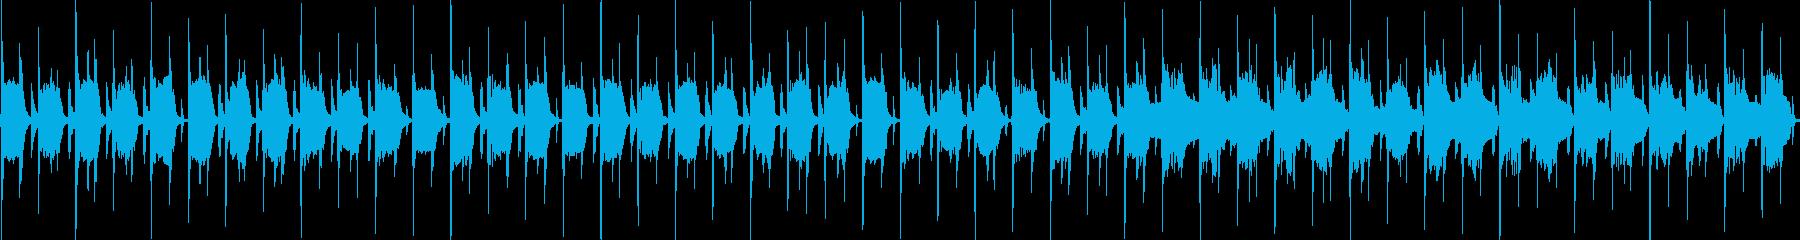 木琴とリコーダーのほのぼの+ほんわかな曲の再生済みの波形